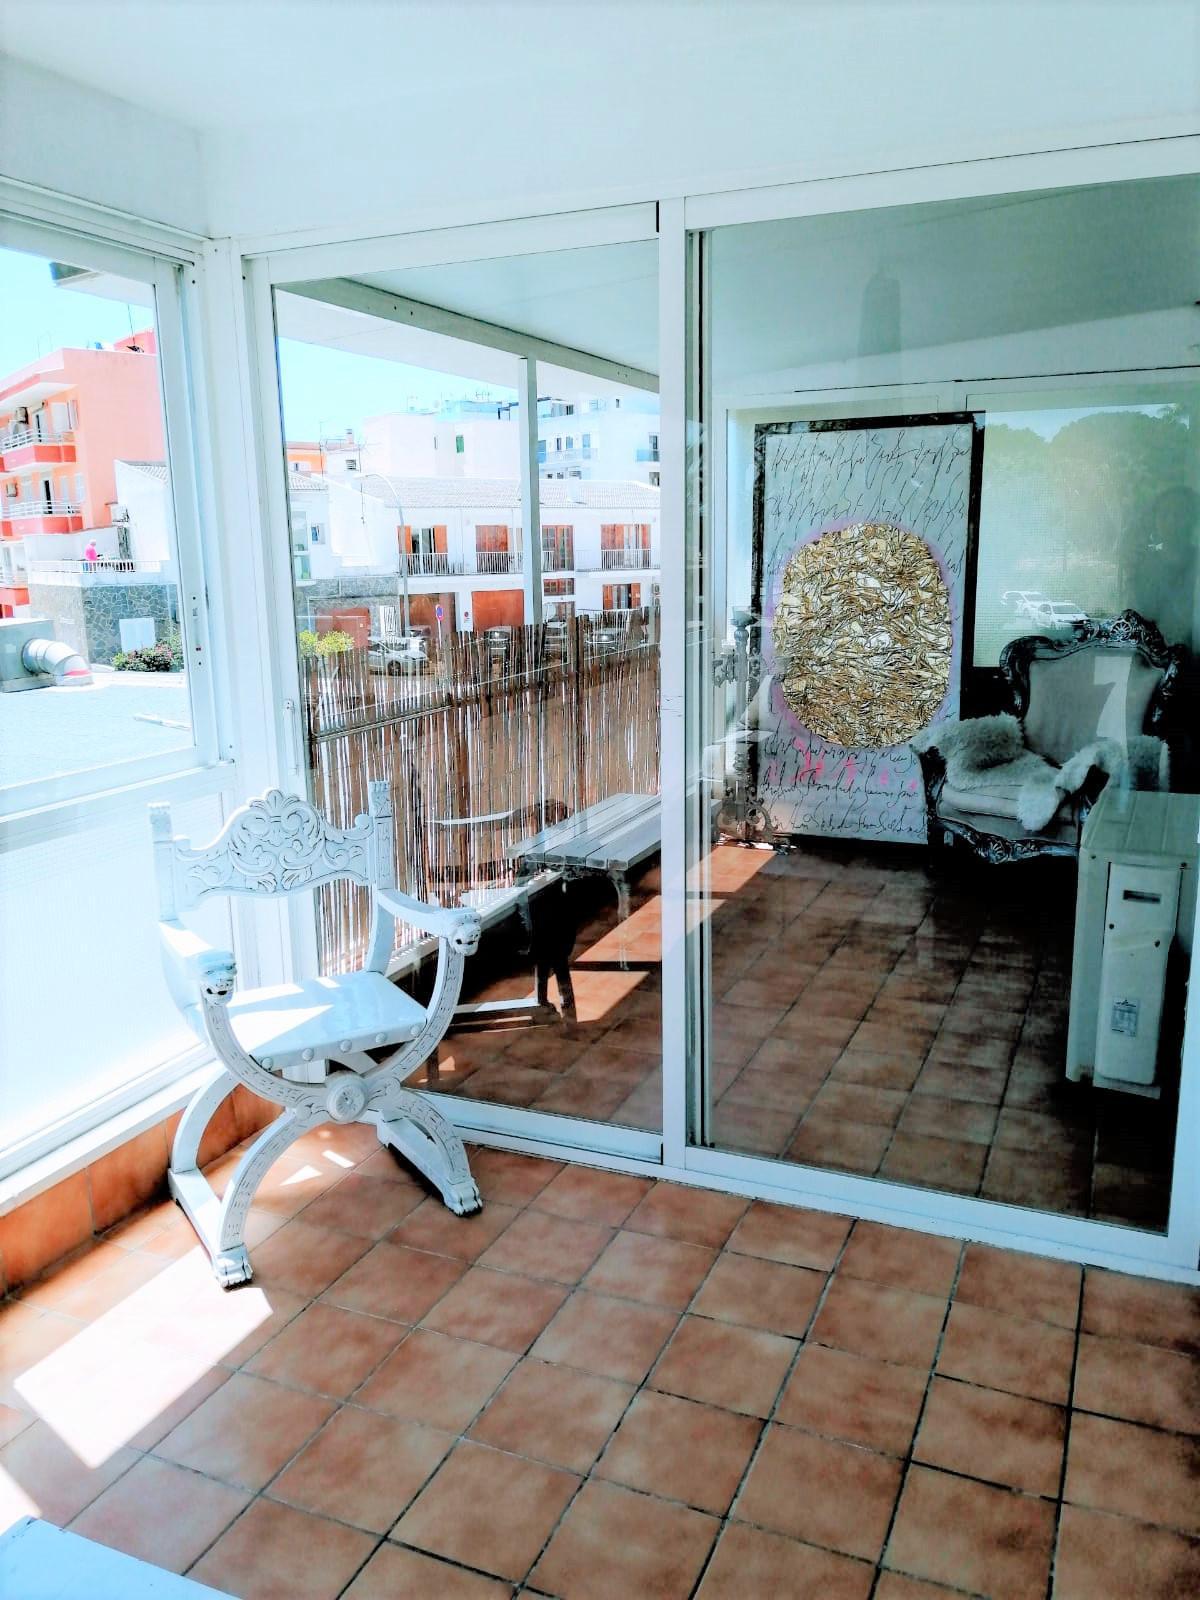 Imagen 3 Piso en venta en Palma / Can Pastilla a 200 metros de la playa